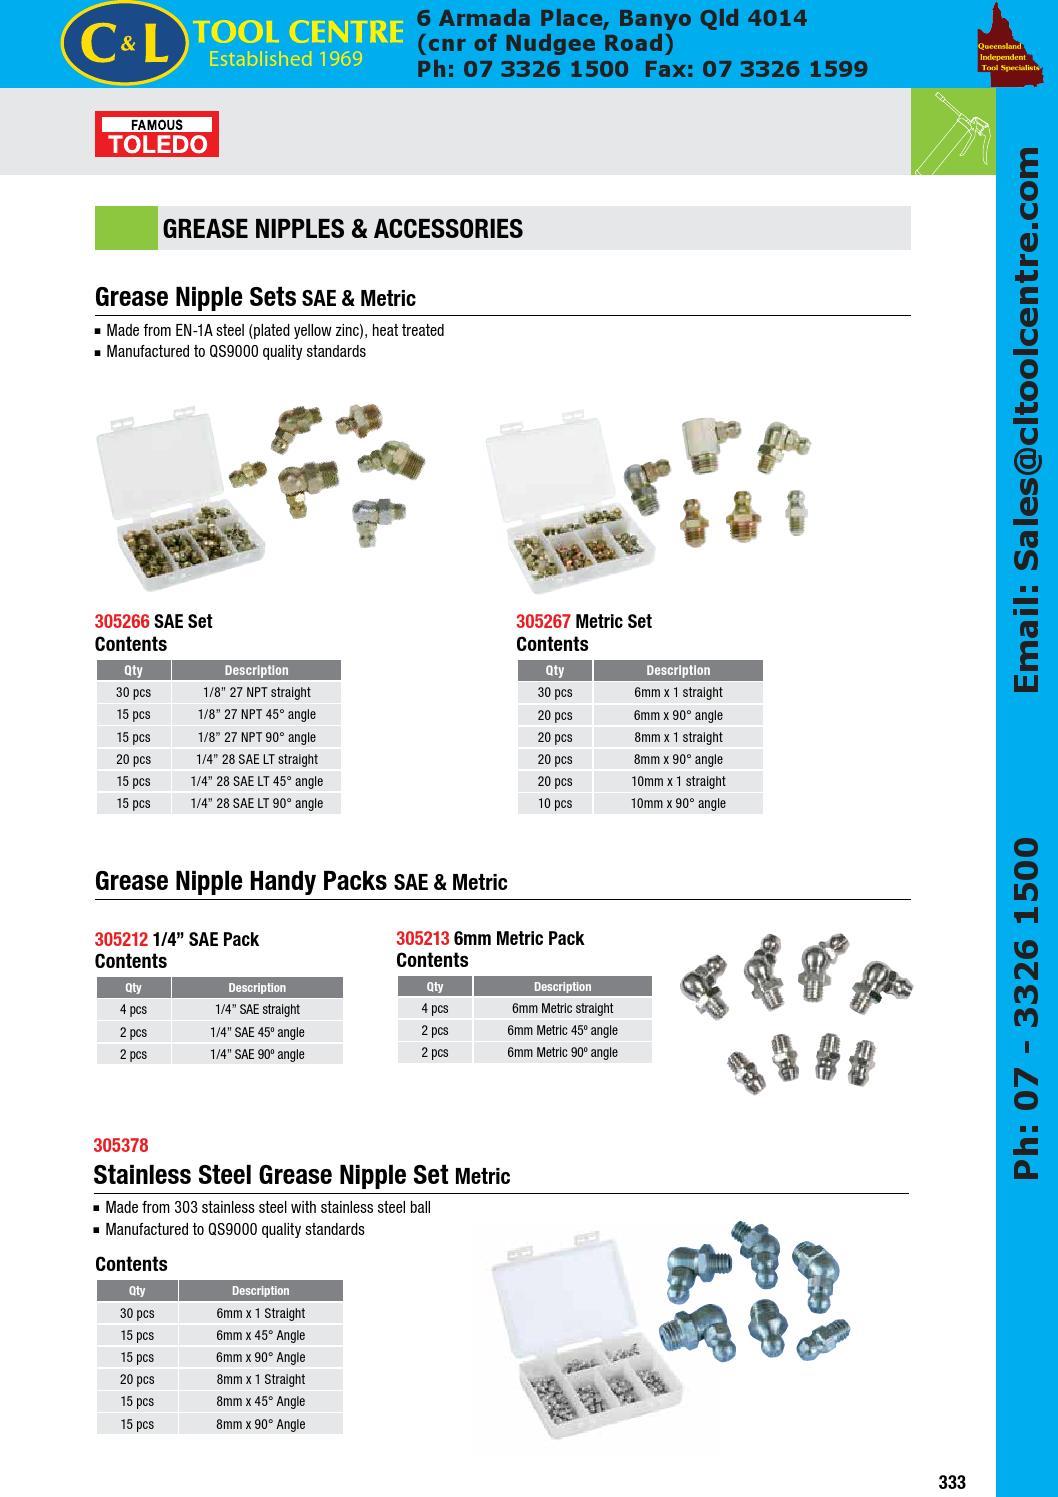 8 PACK MOST POPULAR GREASE NIPPLE HANDY PACK METRIC TOLEDO 305213